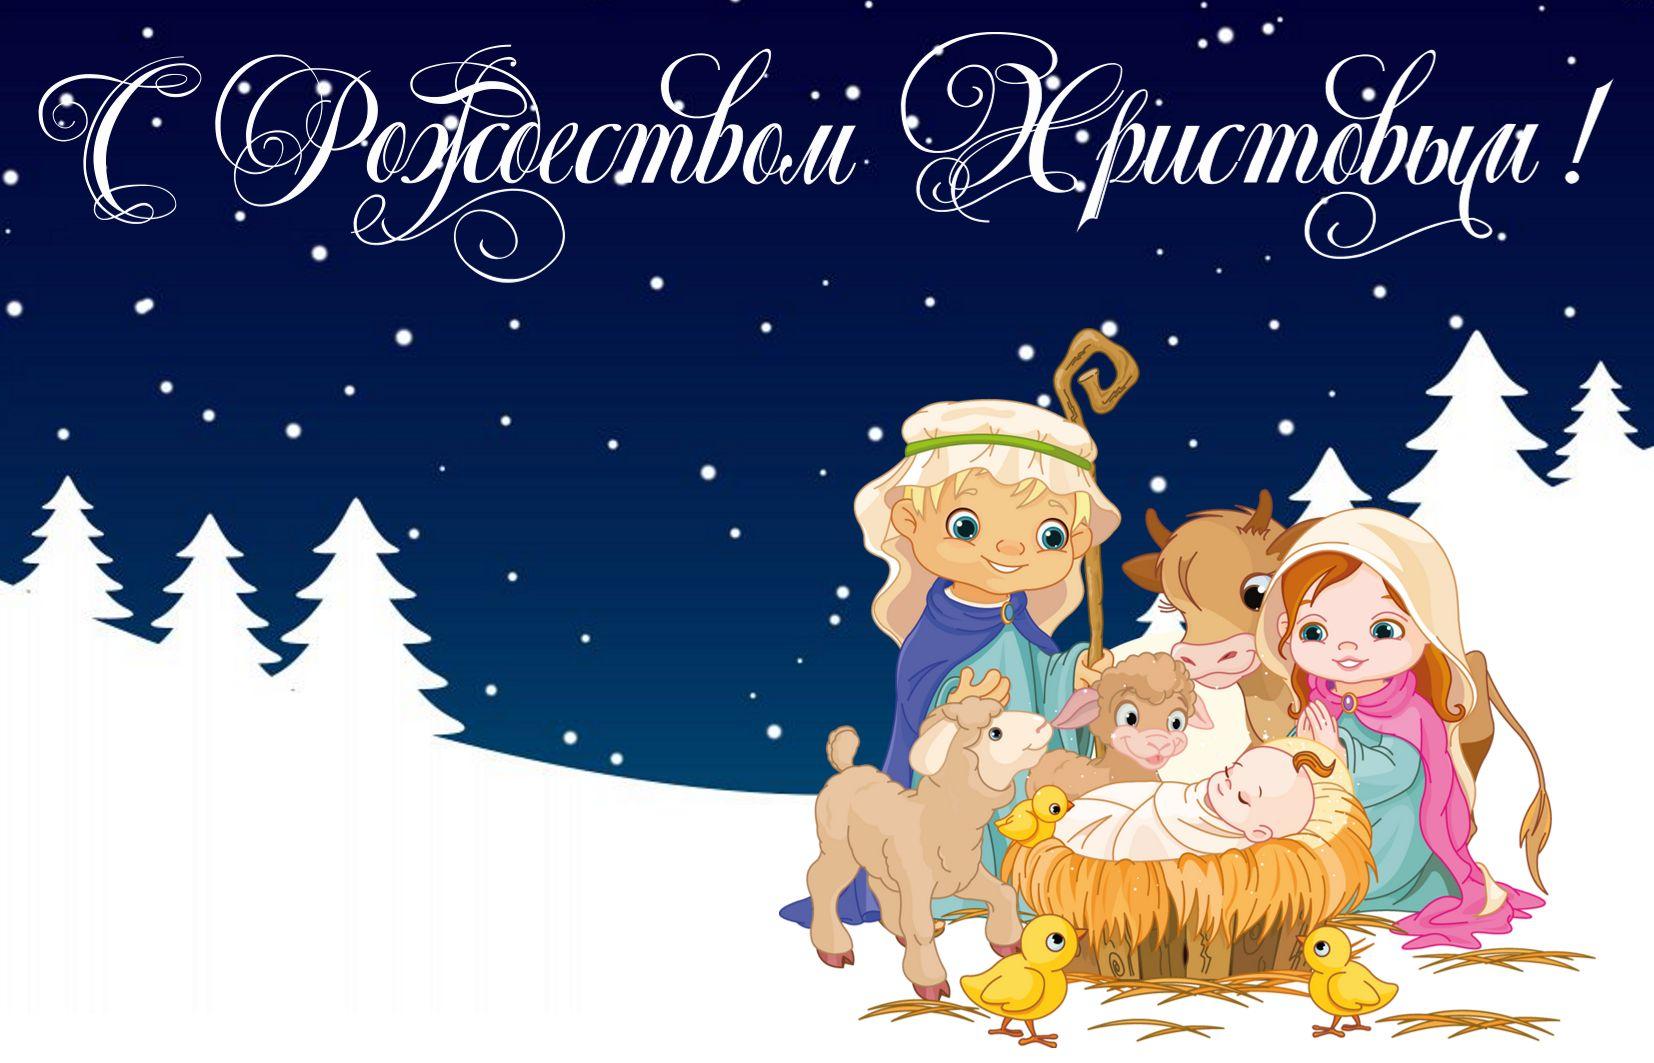 Рождественскую открытку 2012, картинки